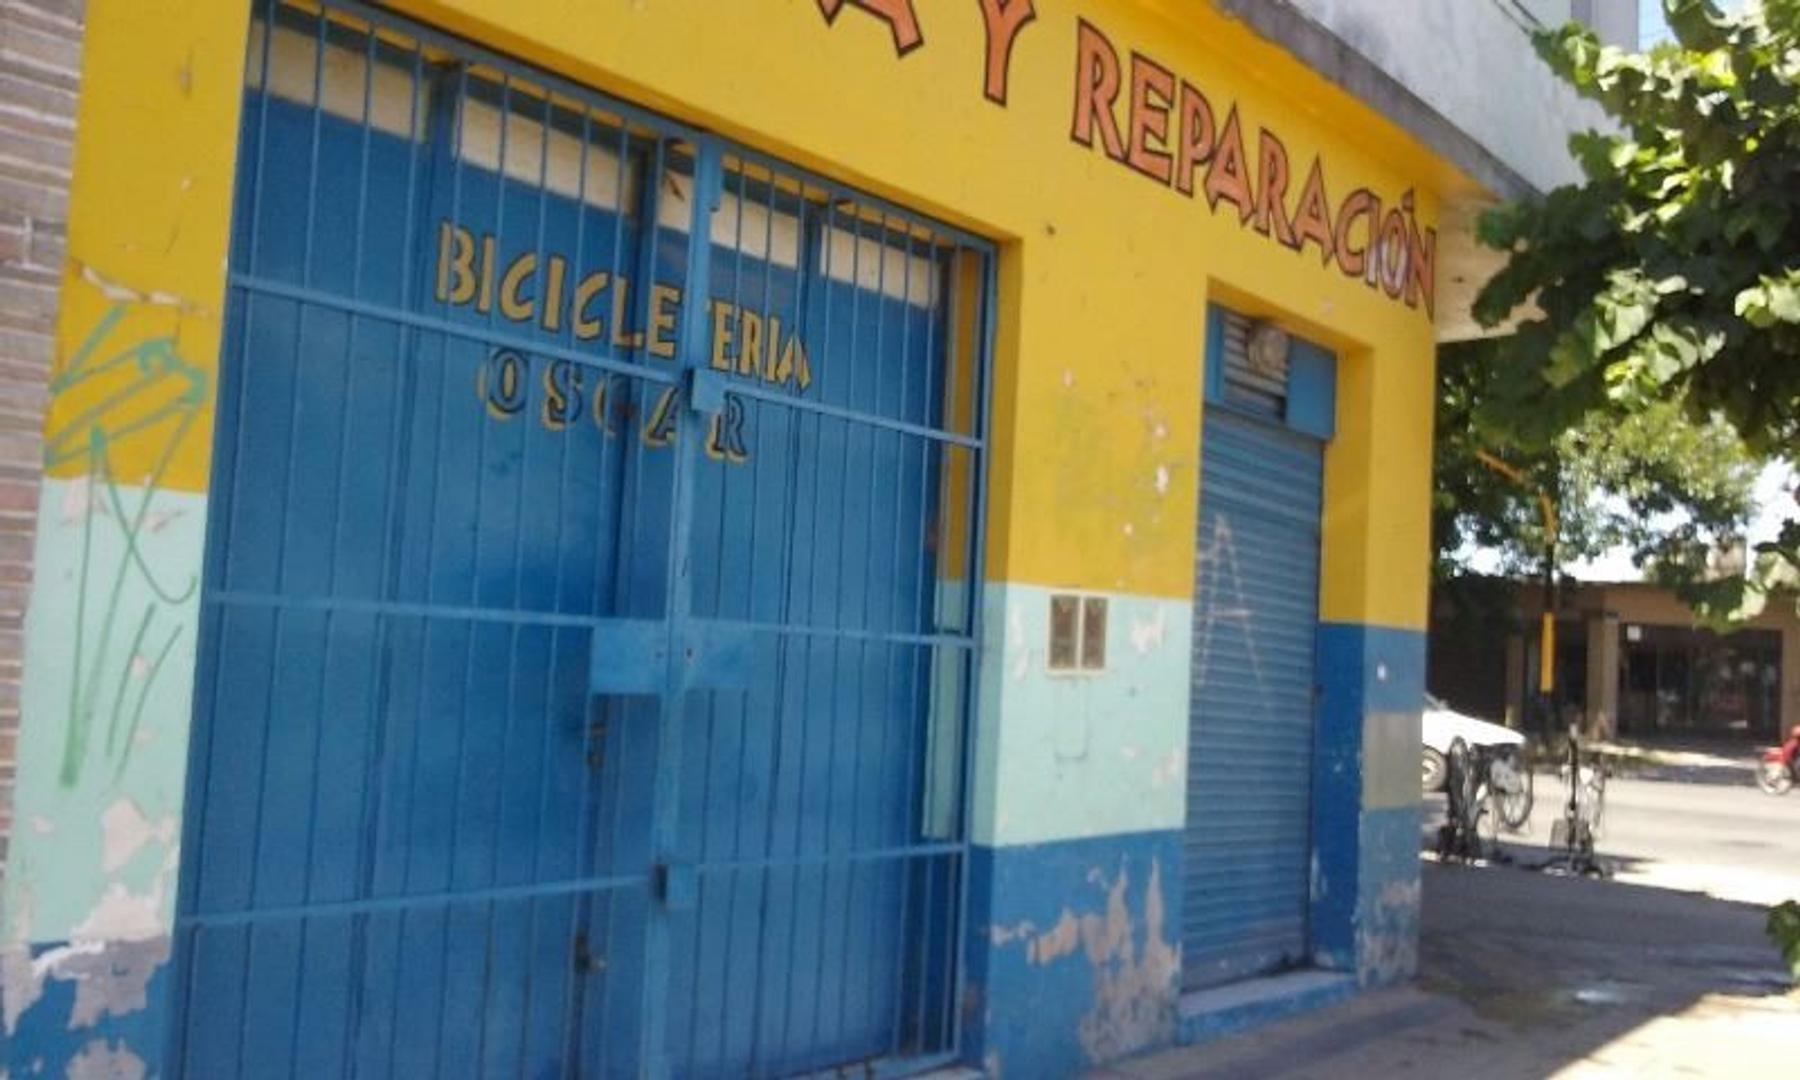 venta en BLOCK : 3 locales comerciales (actualmente alquilados) y en PA: 2 departamentos